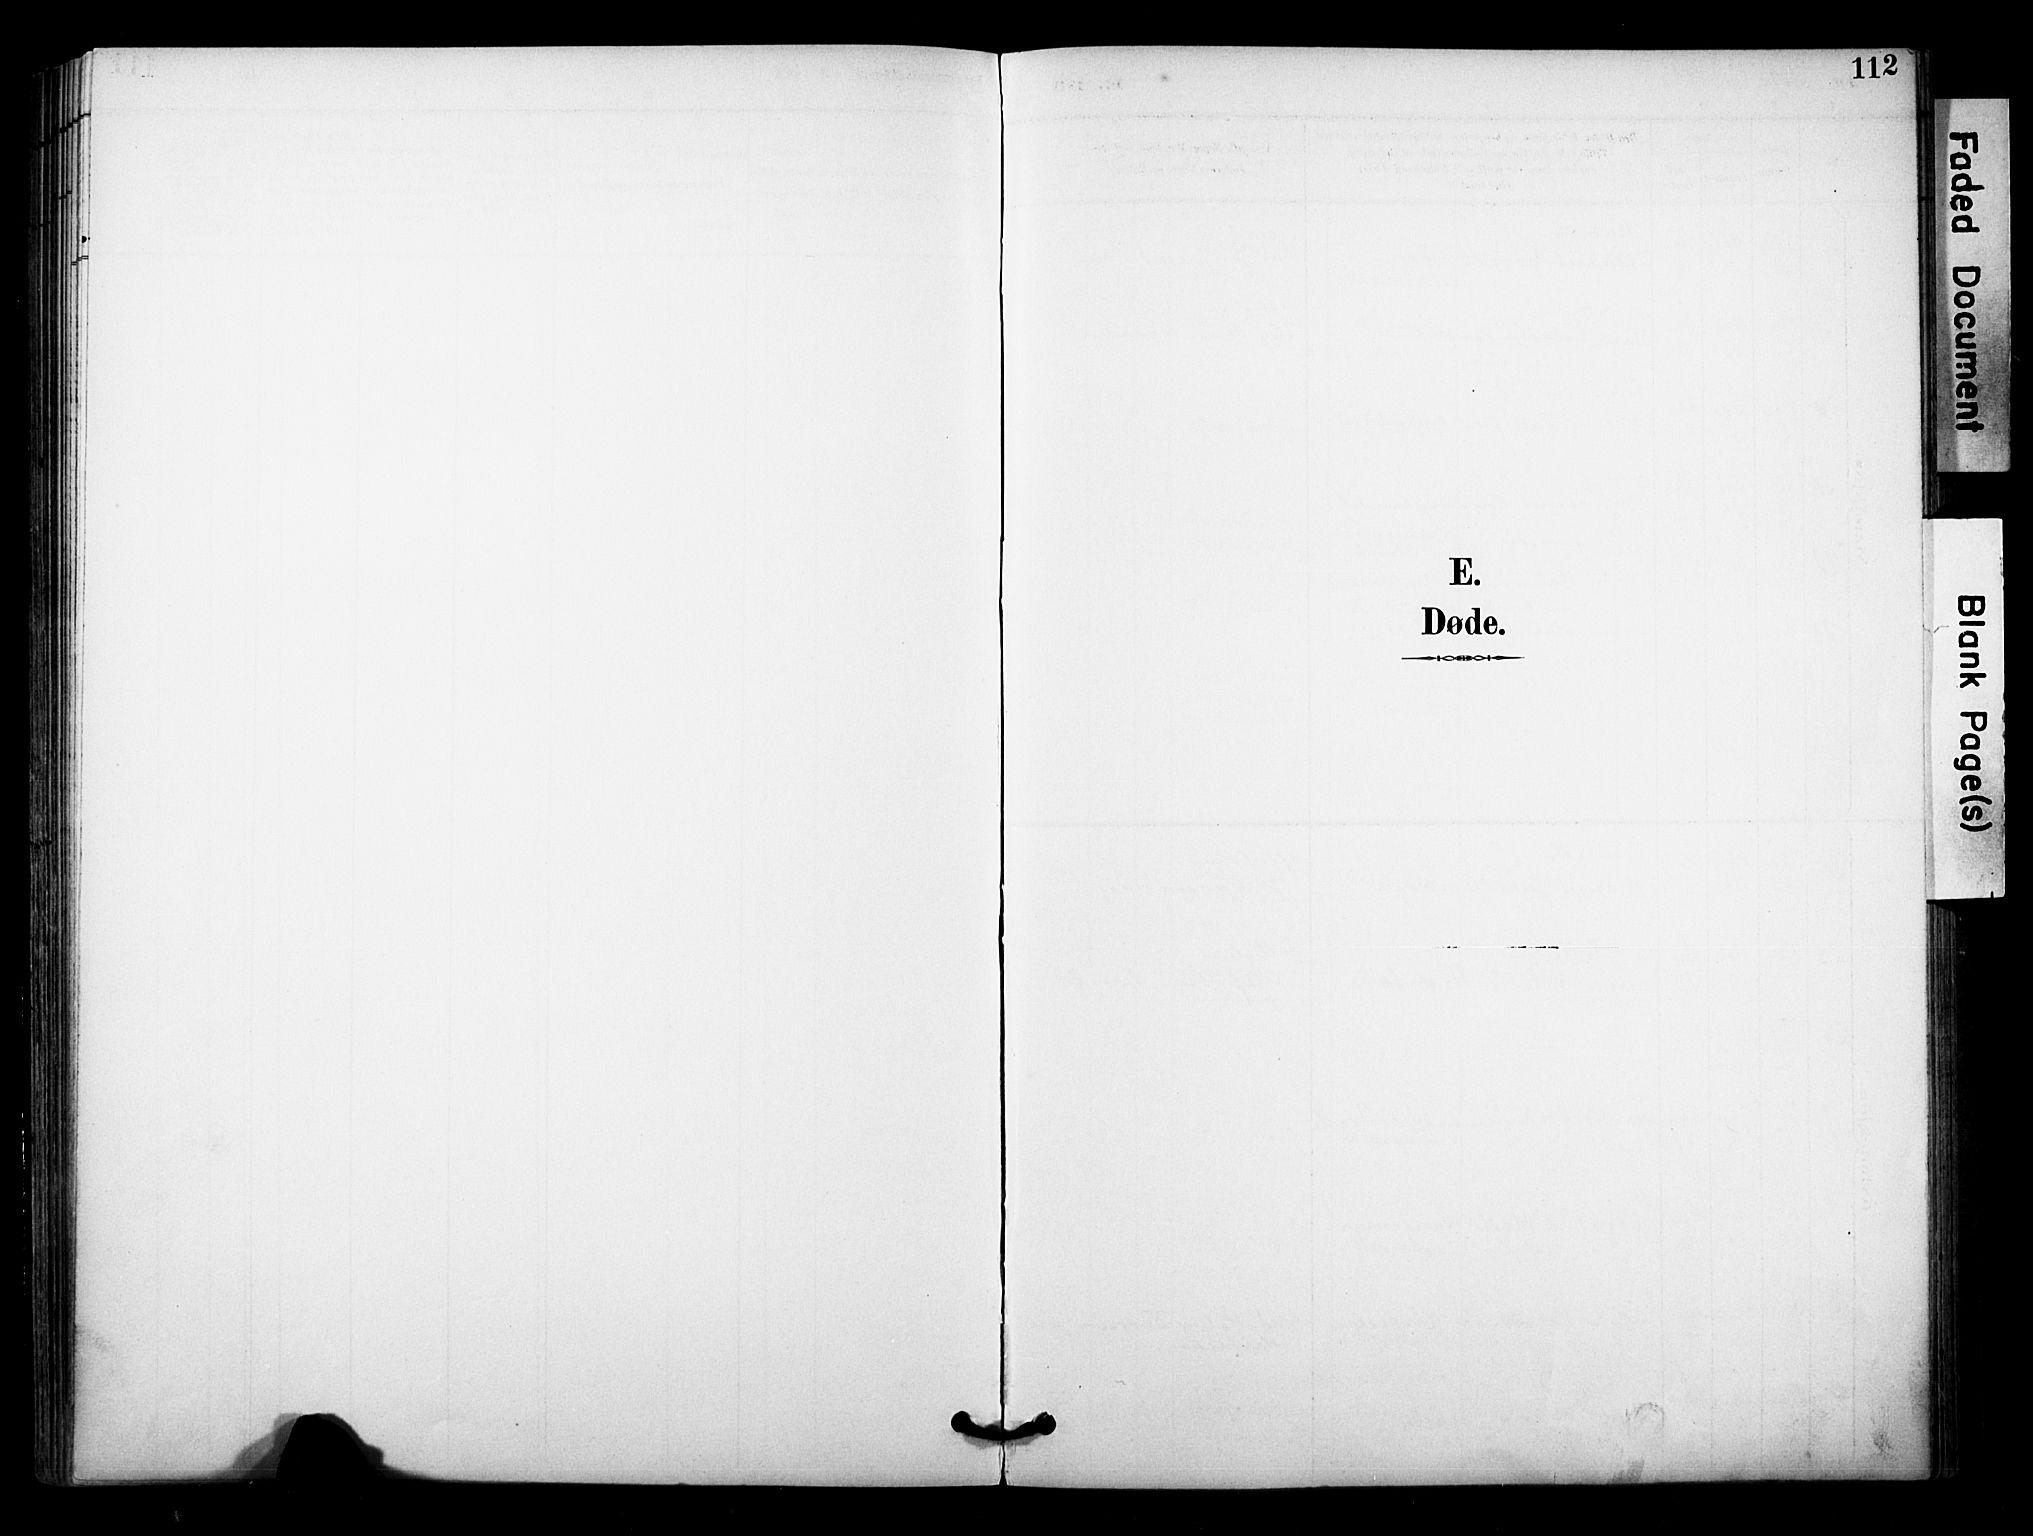 SAKO, Bø kirkebøker, F/Fa/L0011: Ministerialbok nr. 11, 1892-1900, s. 112